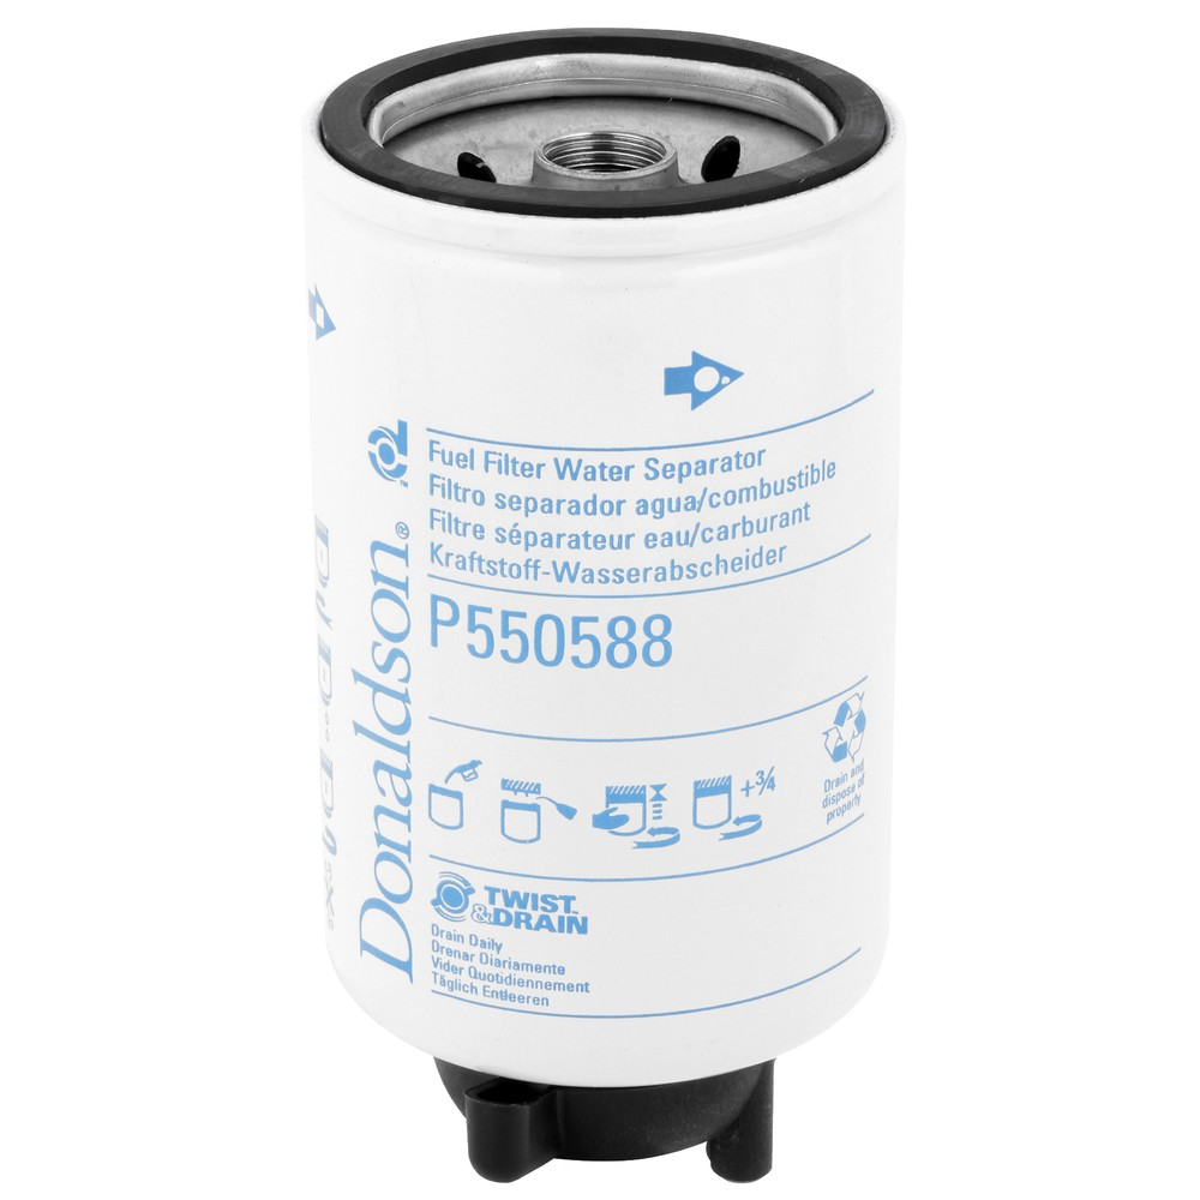 Fuel Filter Water Separator Dfp550588 Ikh Perkins Filters